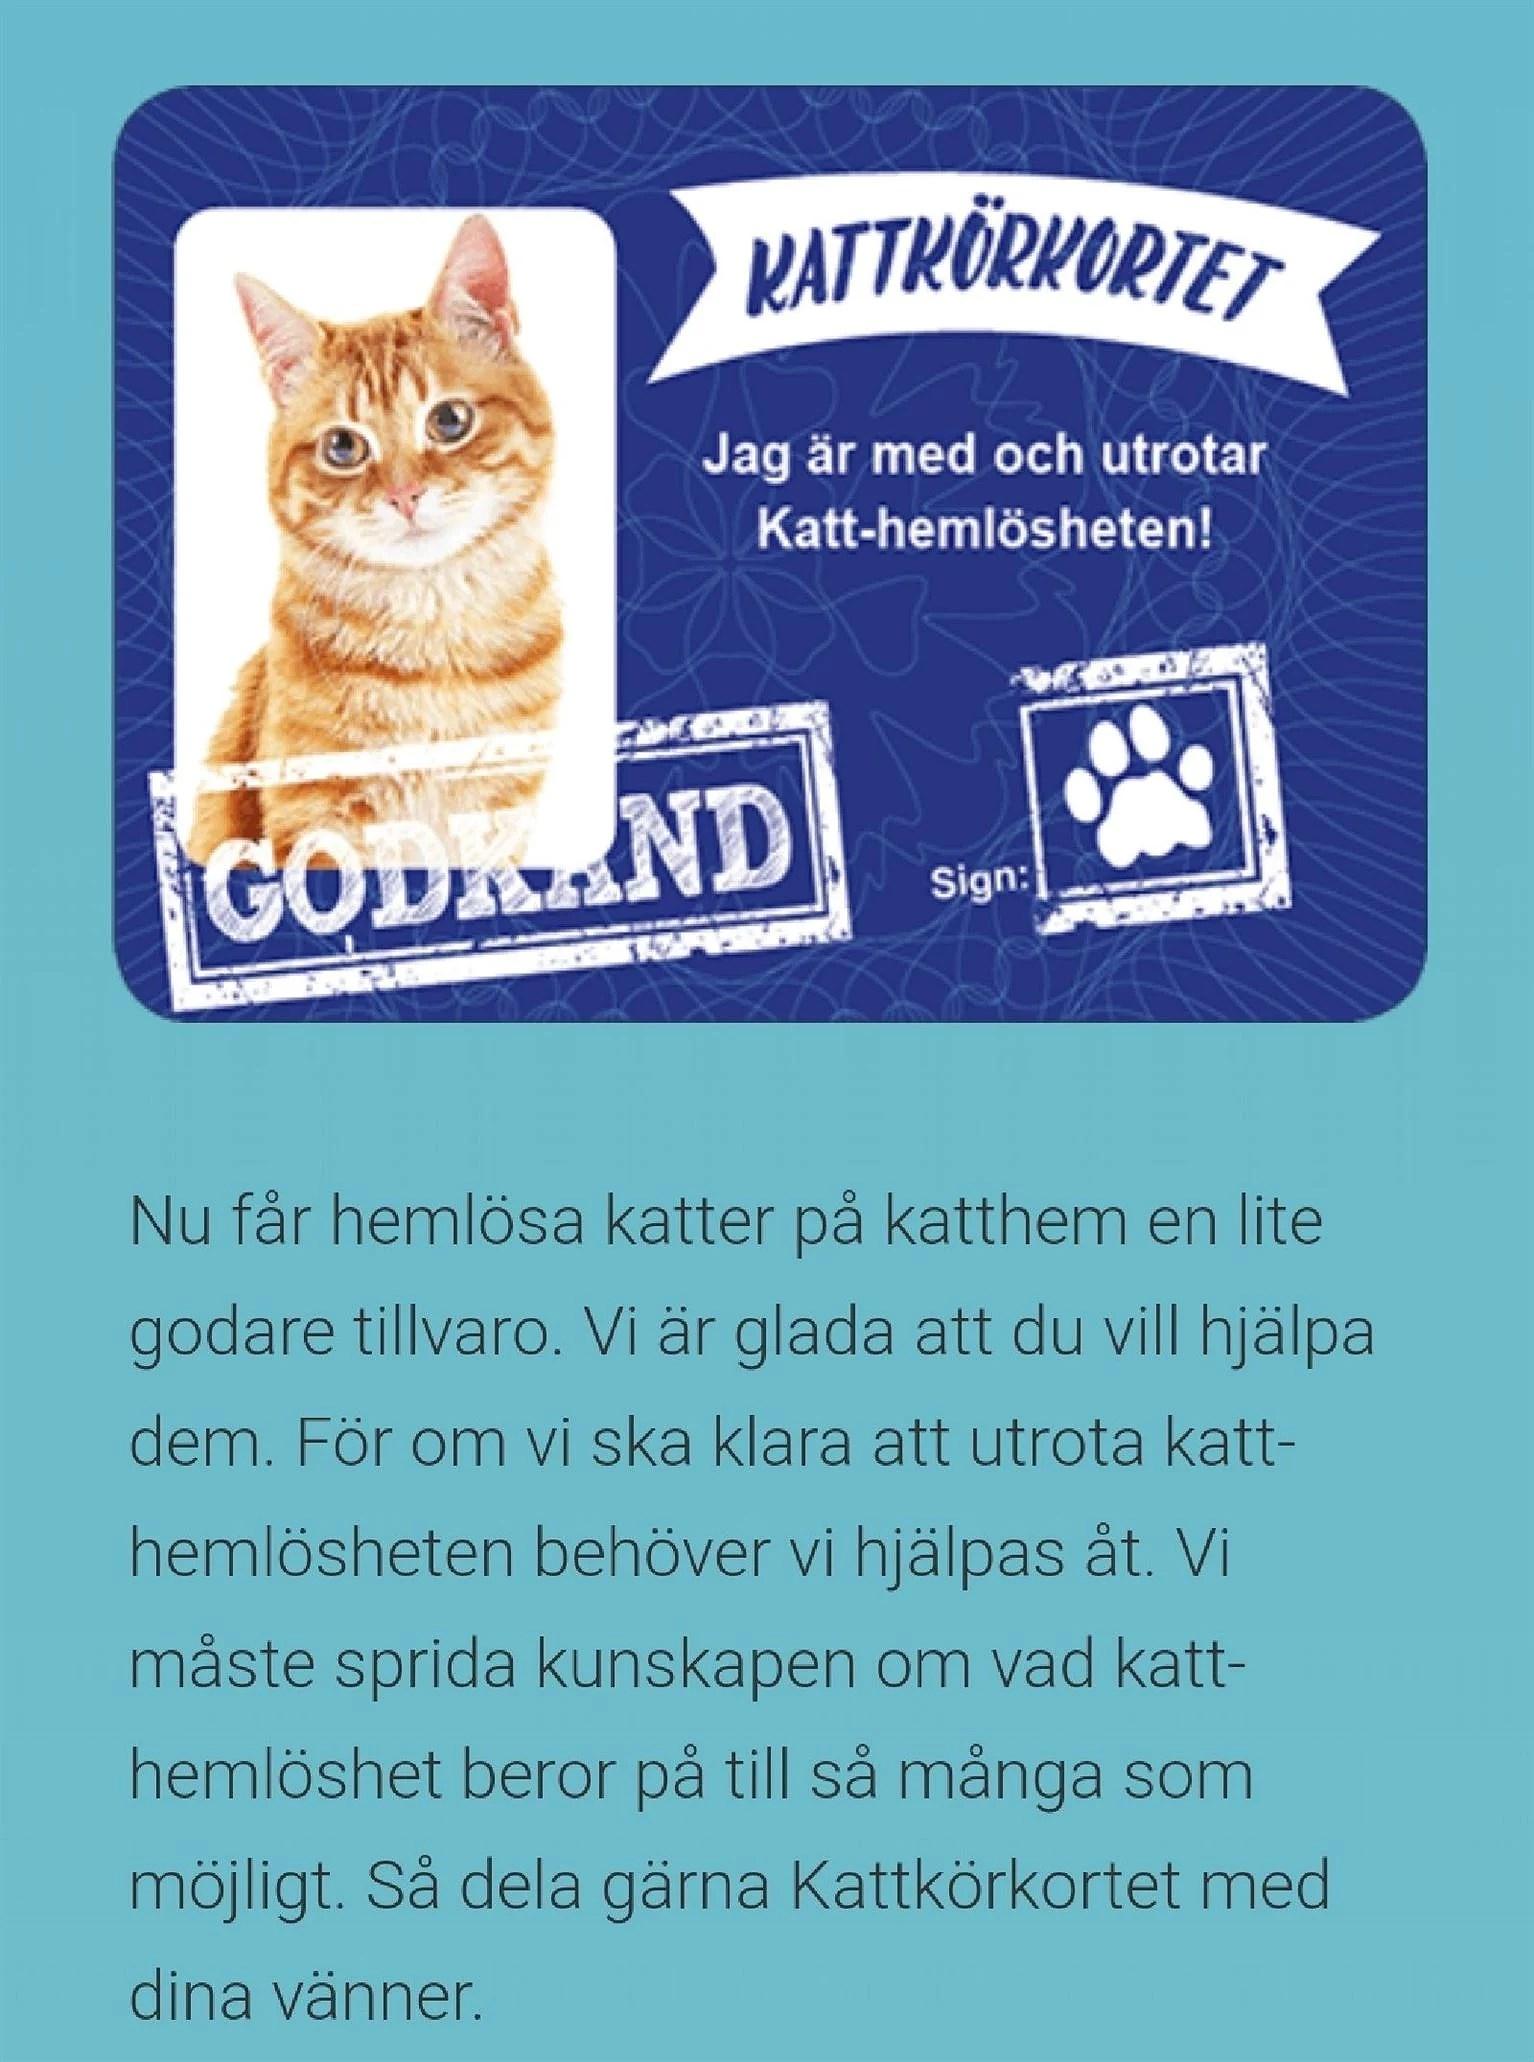 Ta kattkörkortet och gör en hemlös kisse glad...